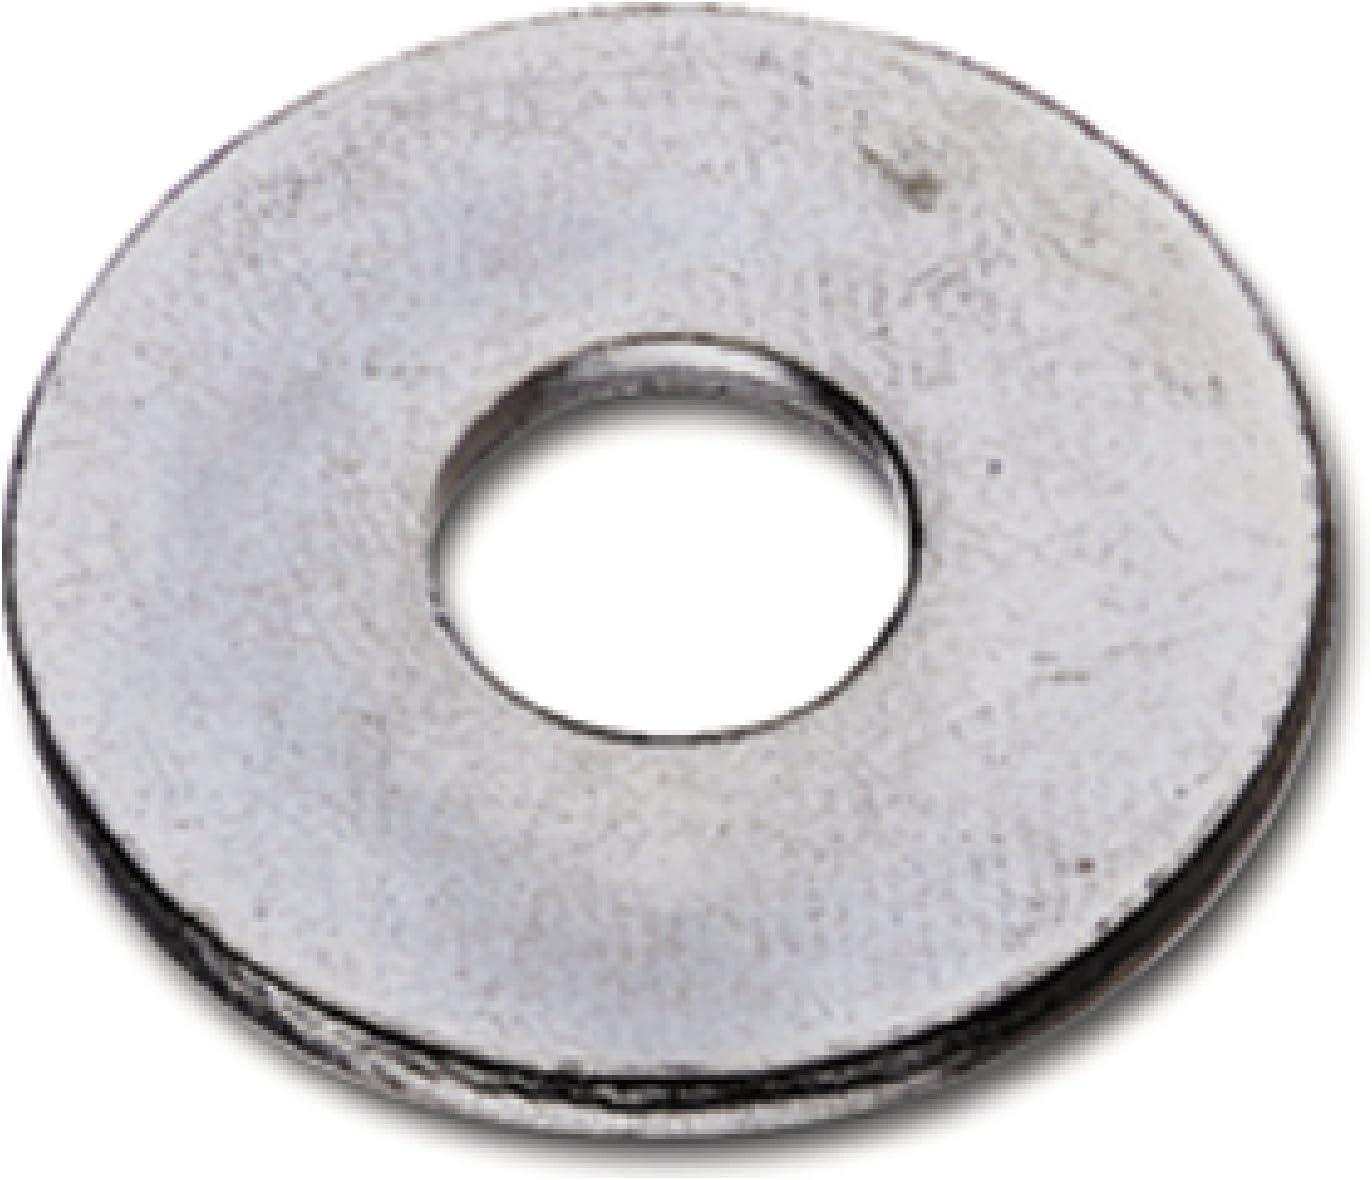 DIN 9021 ISO 7093 SECOTEC Beilagscheibe mit gro/ßer Auflage 100 St/ück M 10 Unterlegscheibe verzinkt